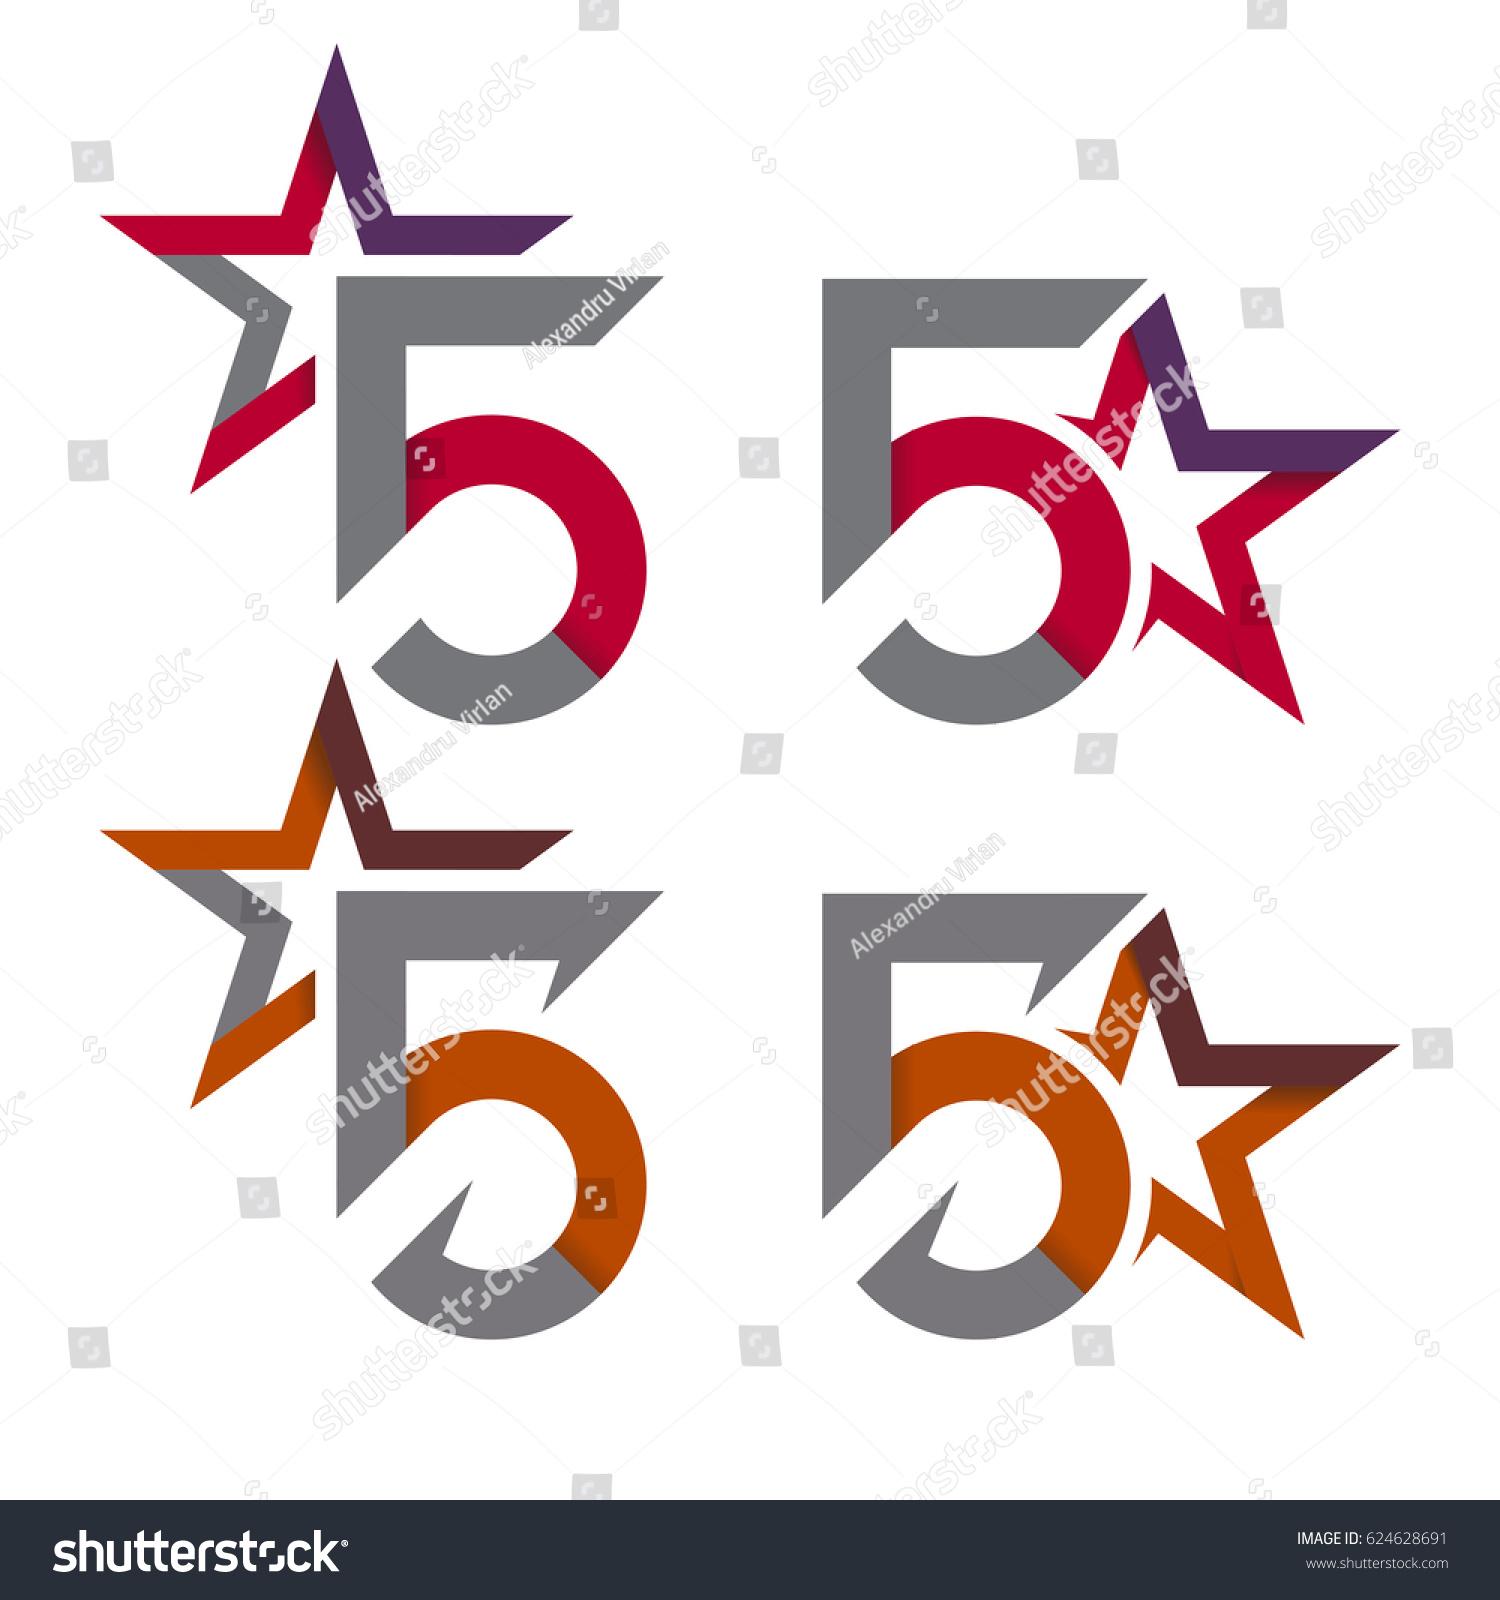 5 Star Symbols Stock Vector Royalty Free 624628691 Shutterstock